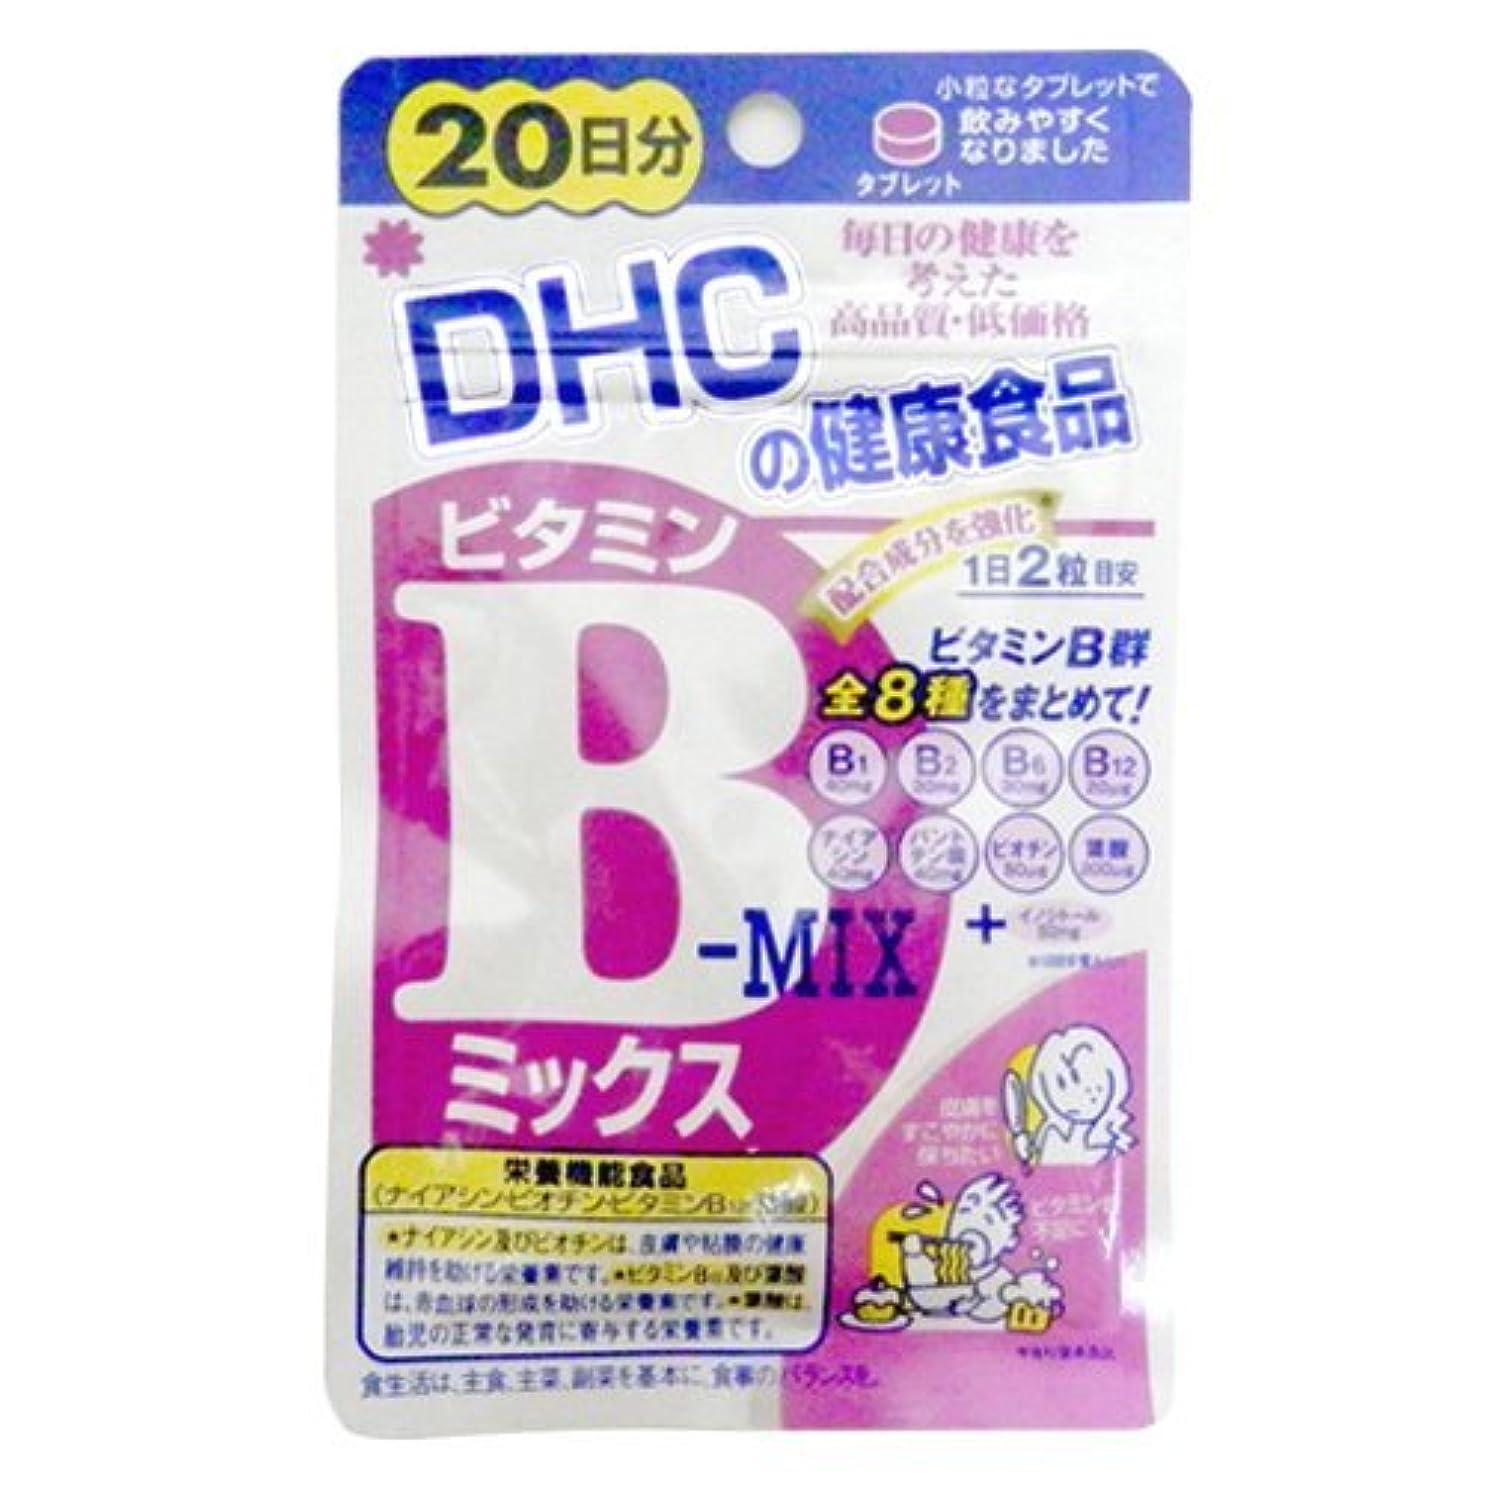 課税粘り強い接続詞DHC ビタミンBミックス 20日分 40粒